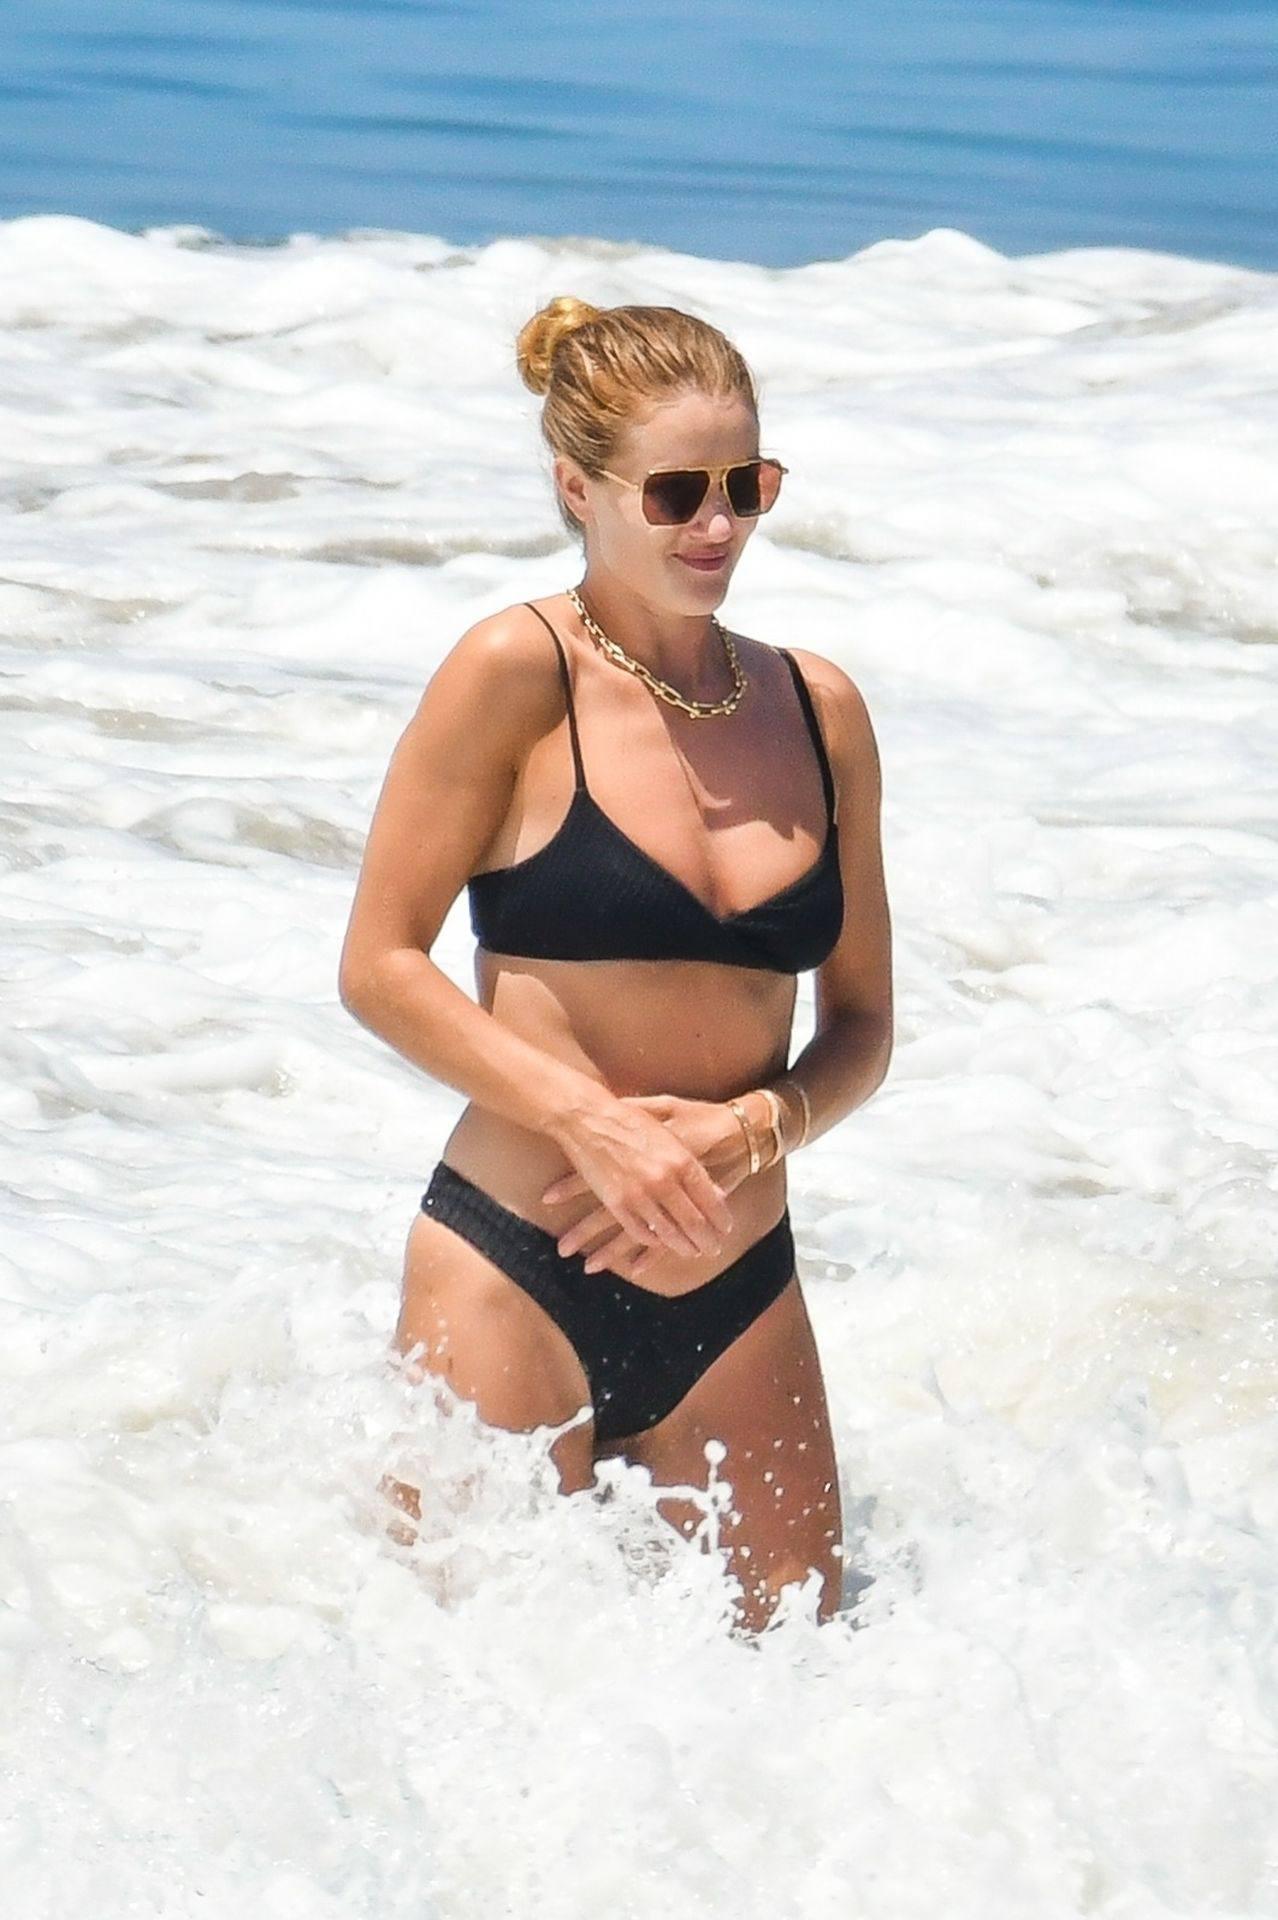 Rosie Huntington Whiteley – Beautiful Ass In Thong Bikini In Malibu 0015